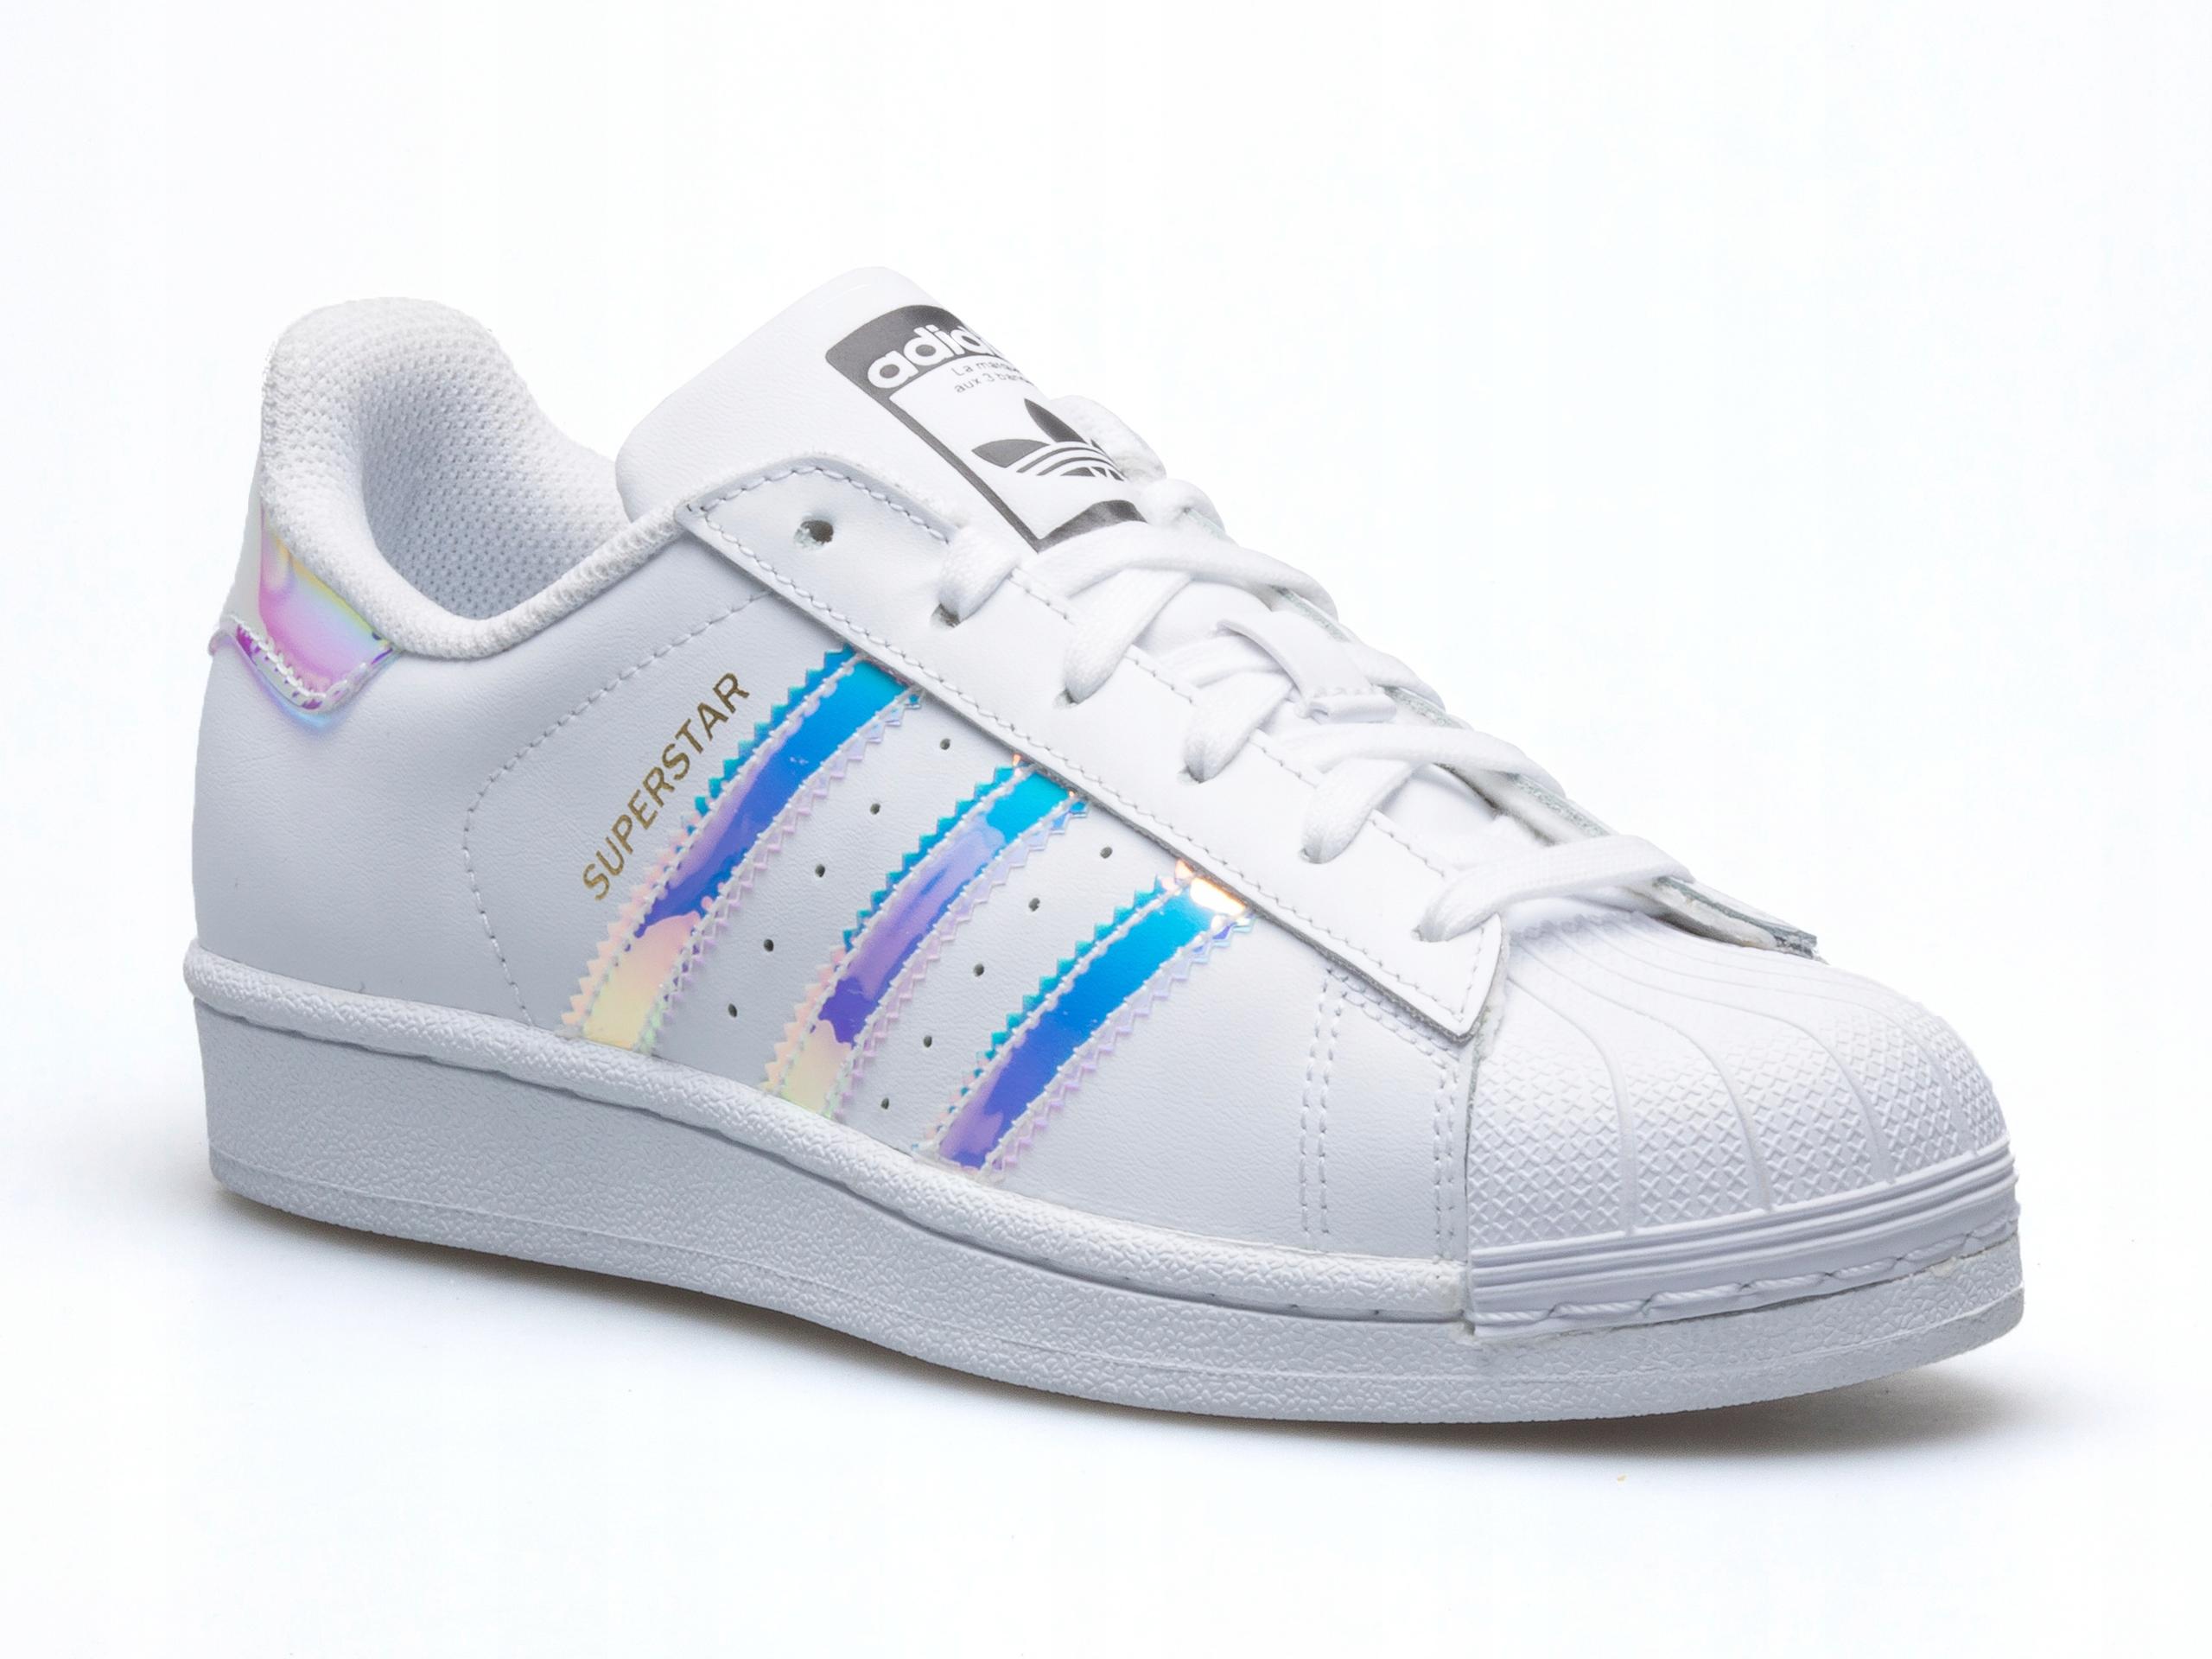 7f773a93a2869 ... new zealand buty adidas superstar j aq6278 r. 37 1 3 0f18a 23c60